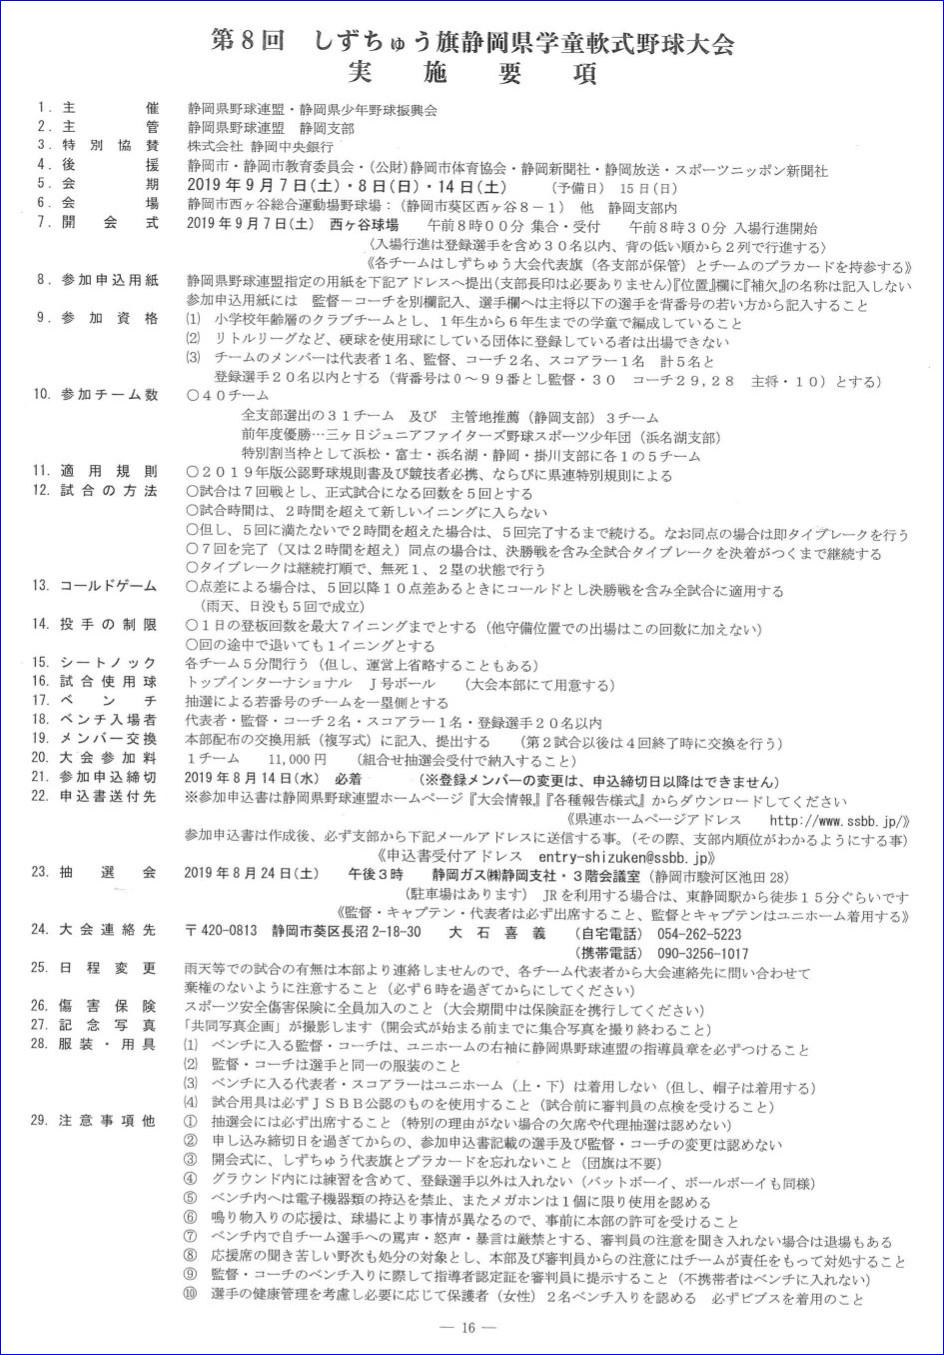 しずちゅう旗県大会大会要項